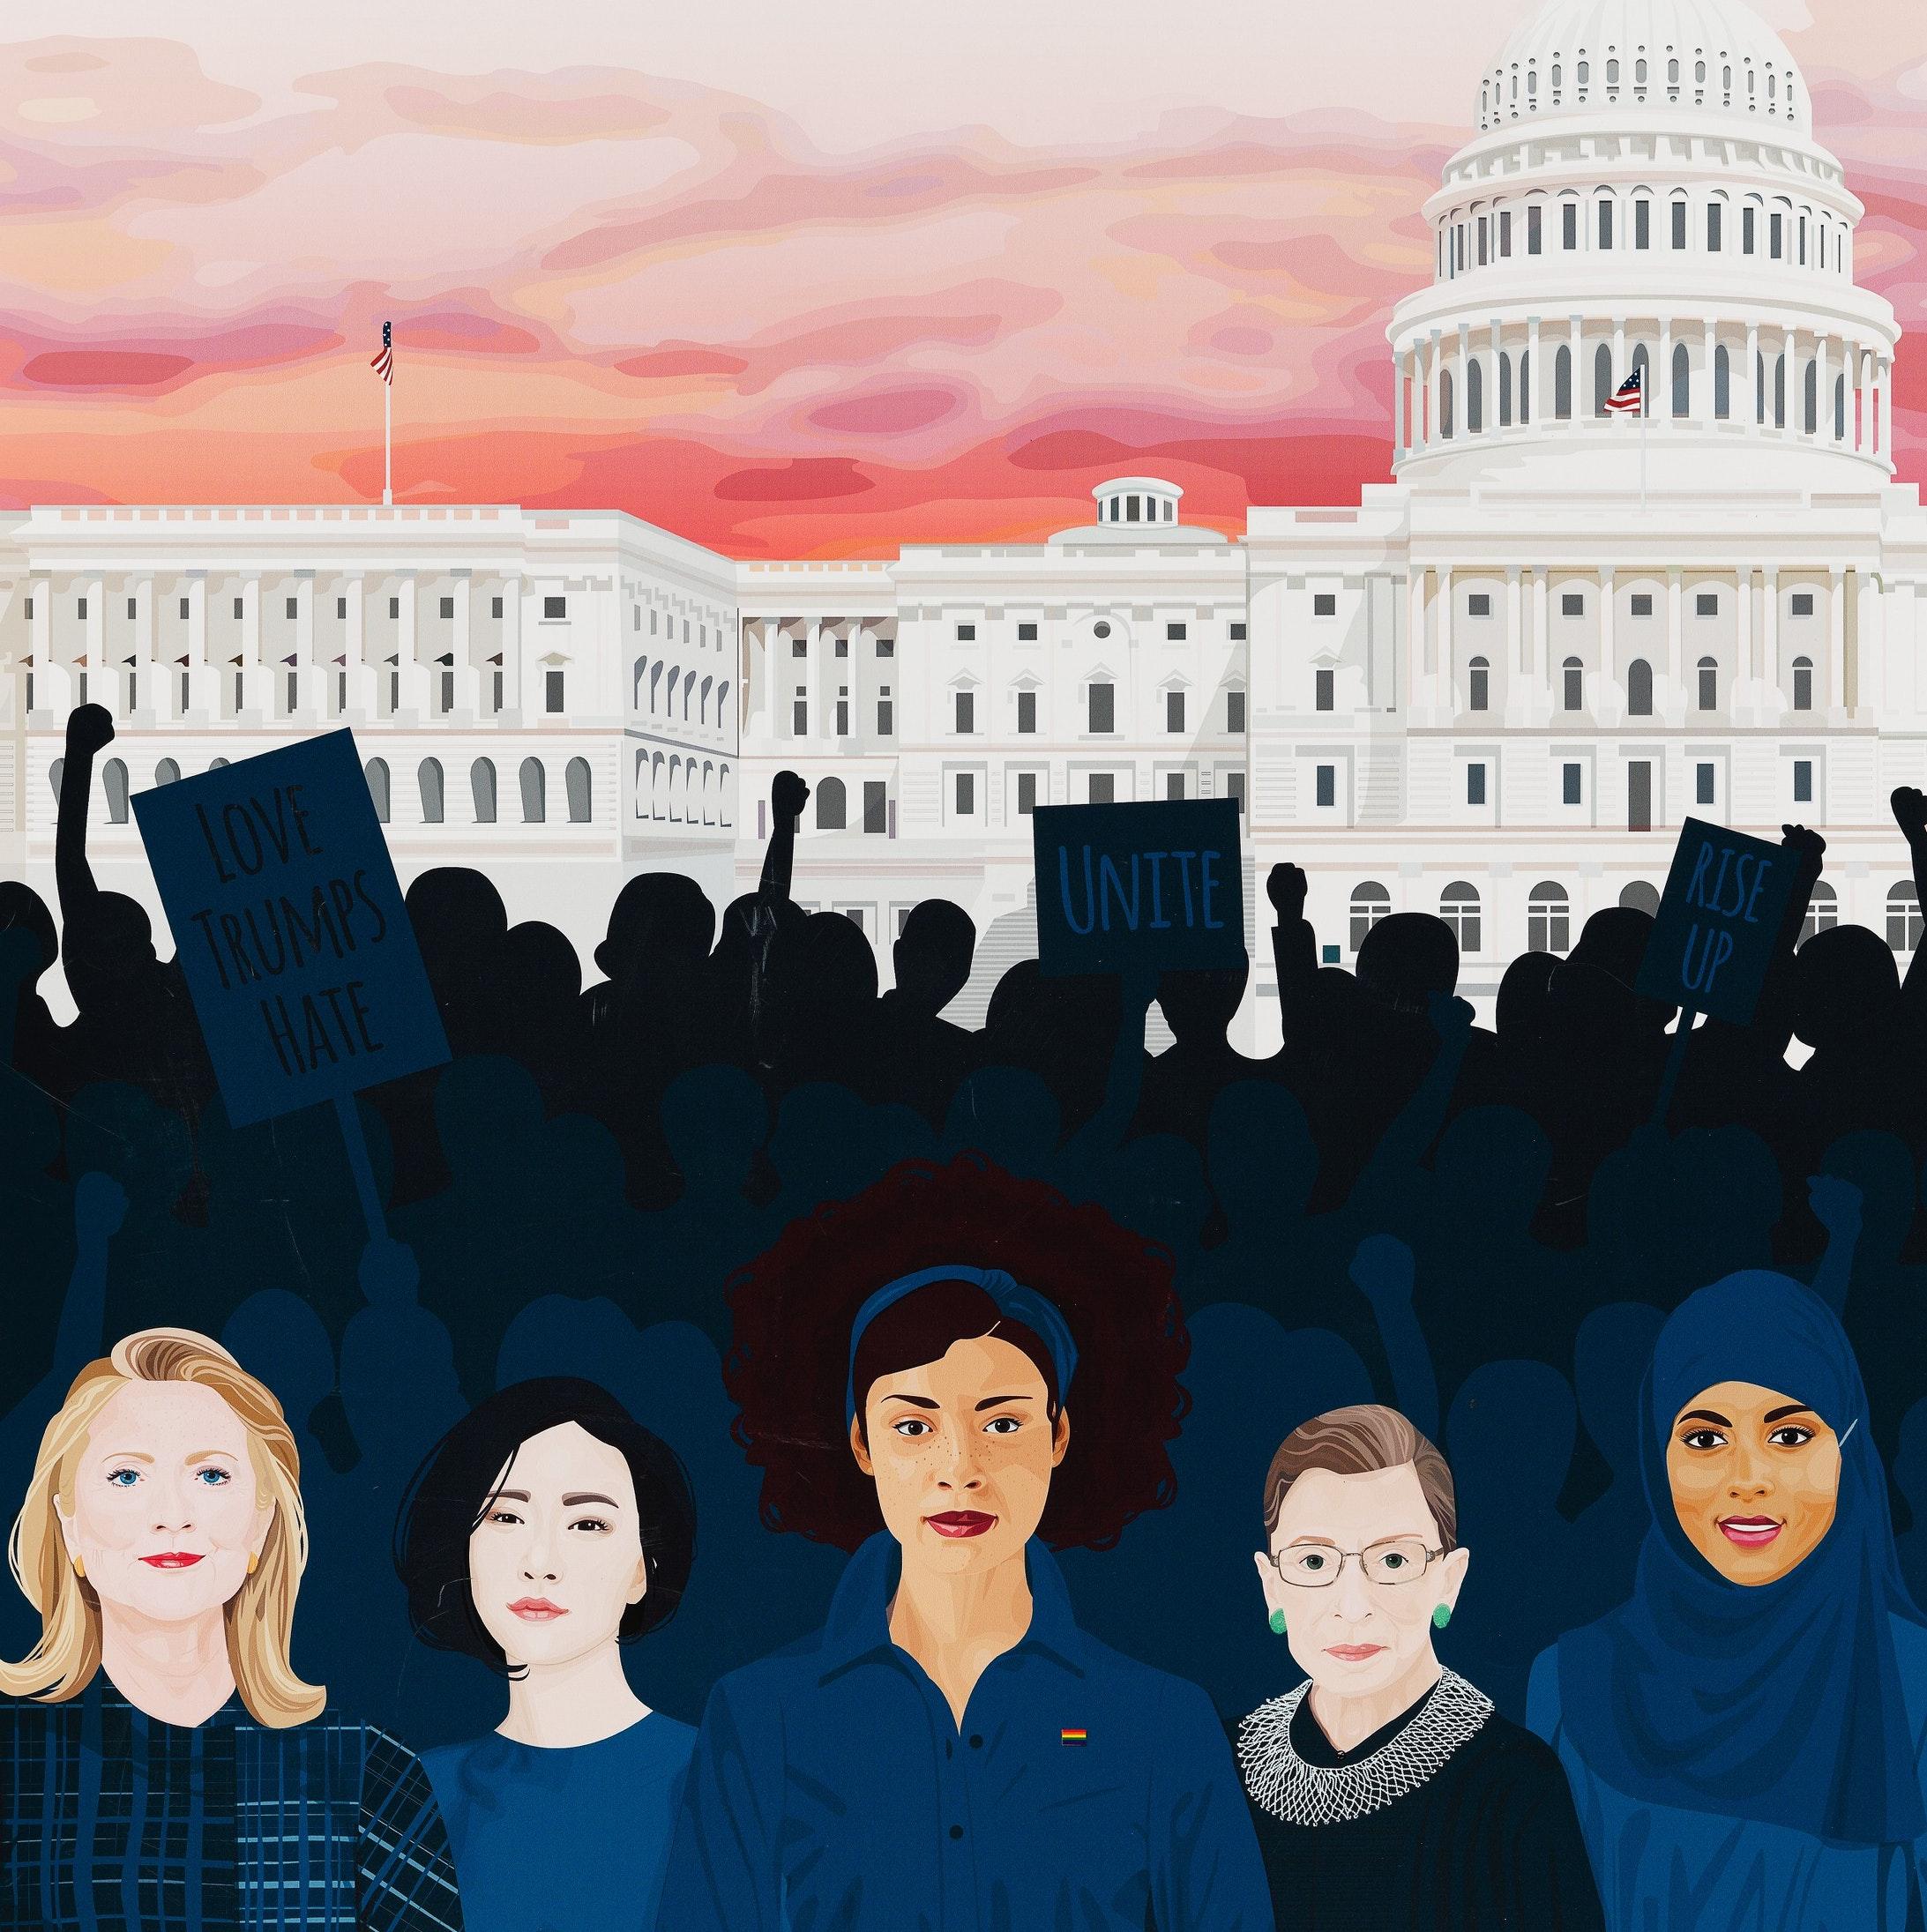 Women Unite Schlesinger 21015793